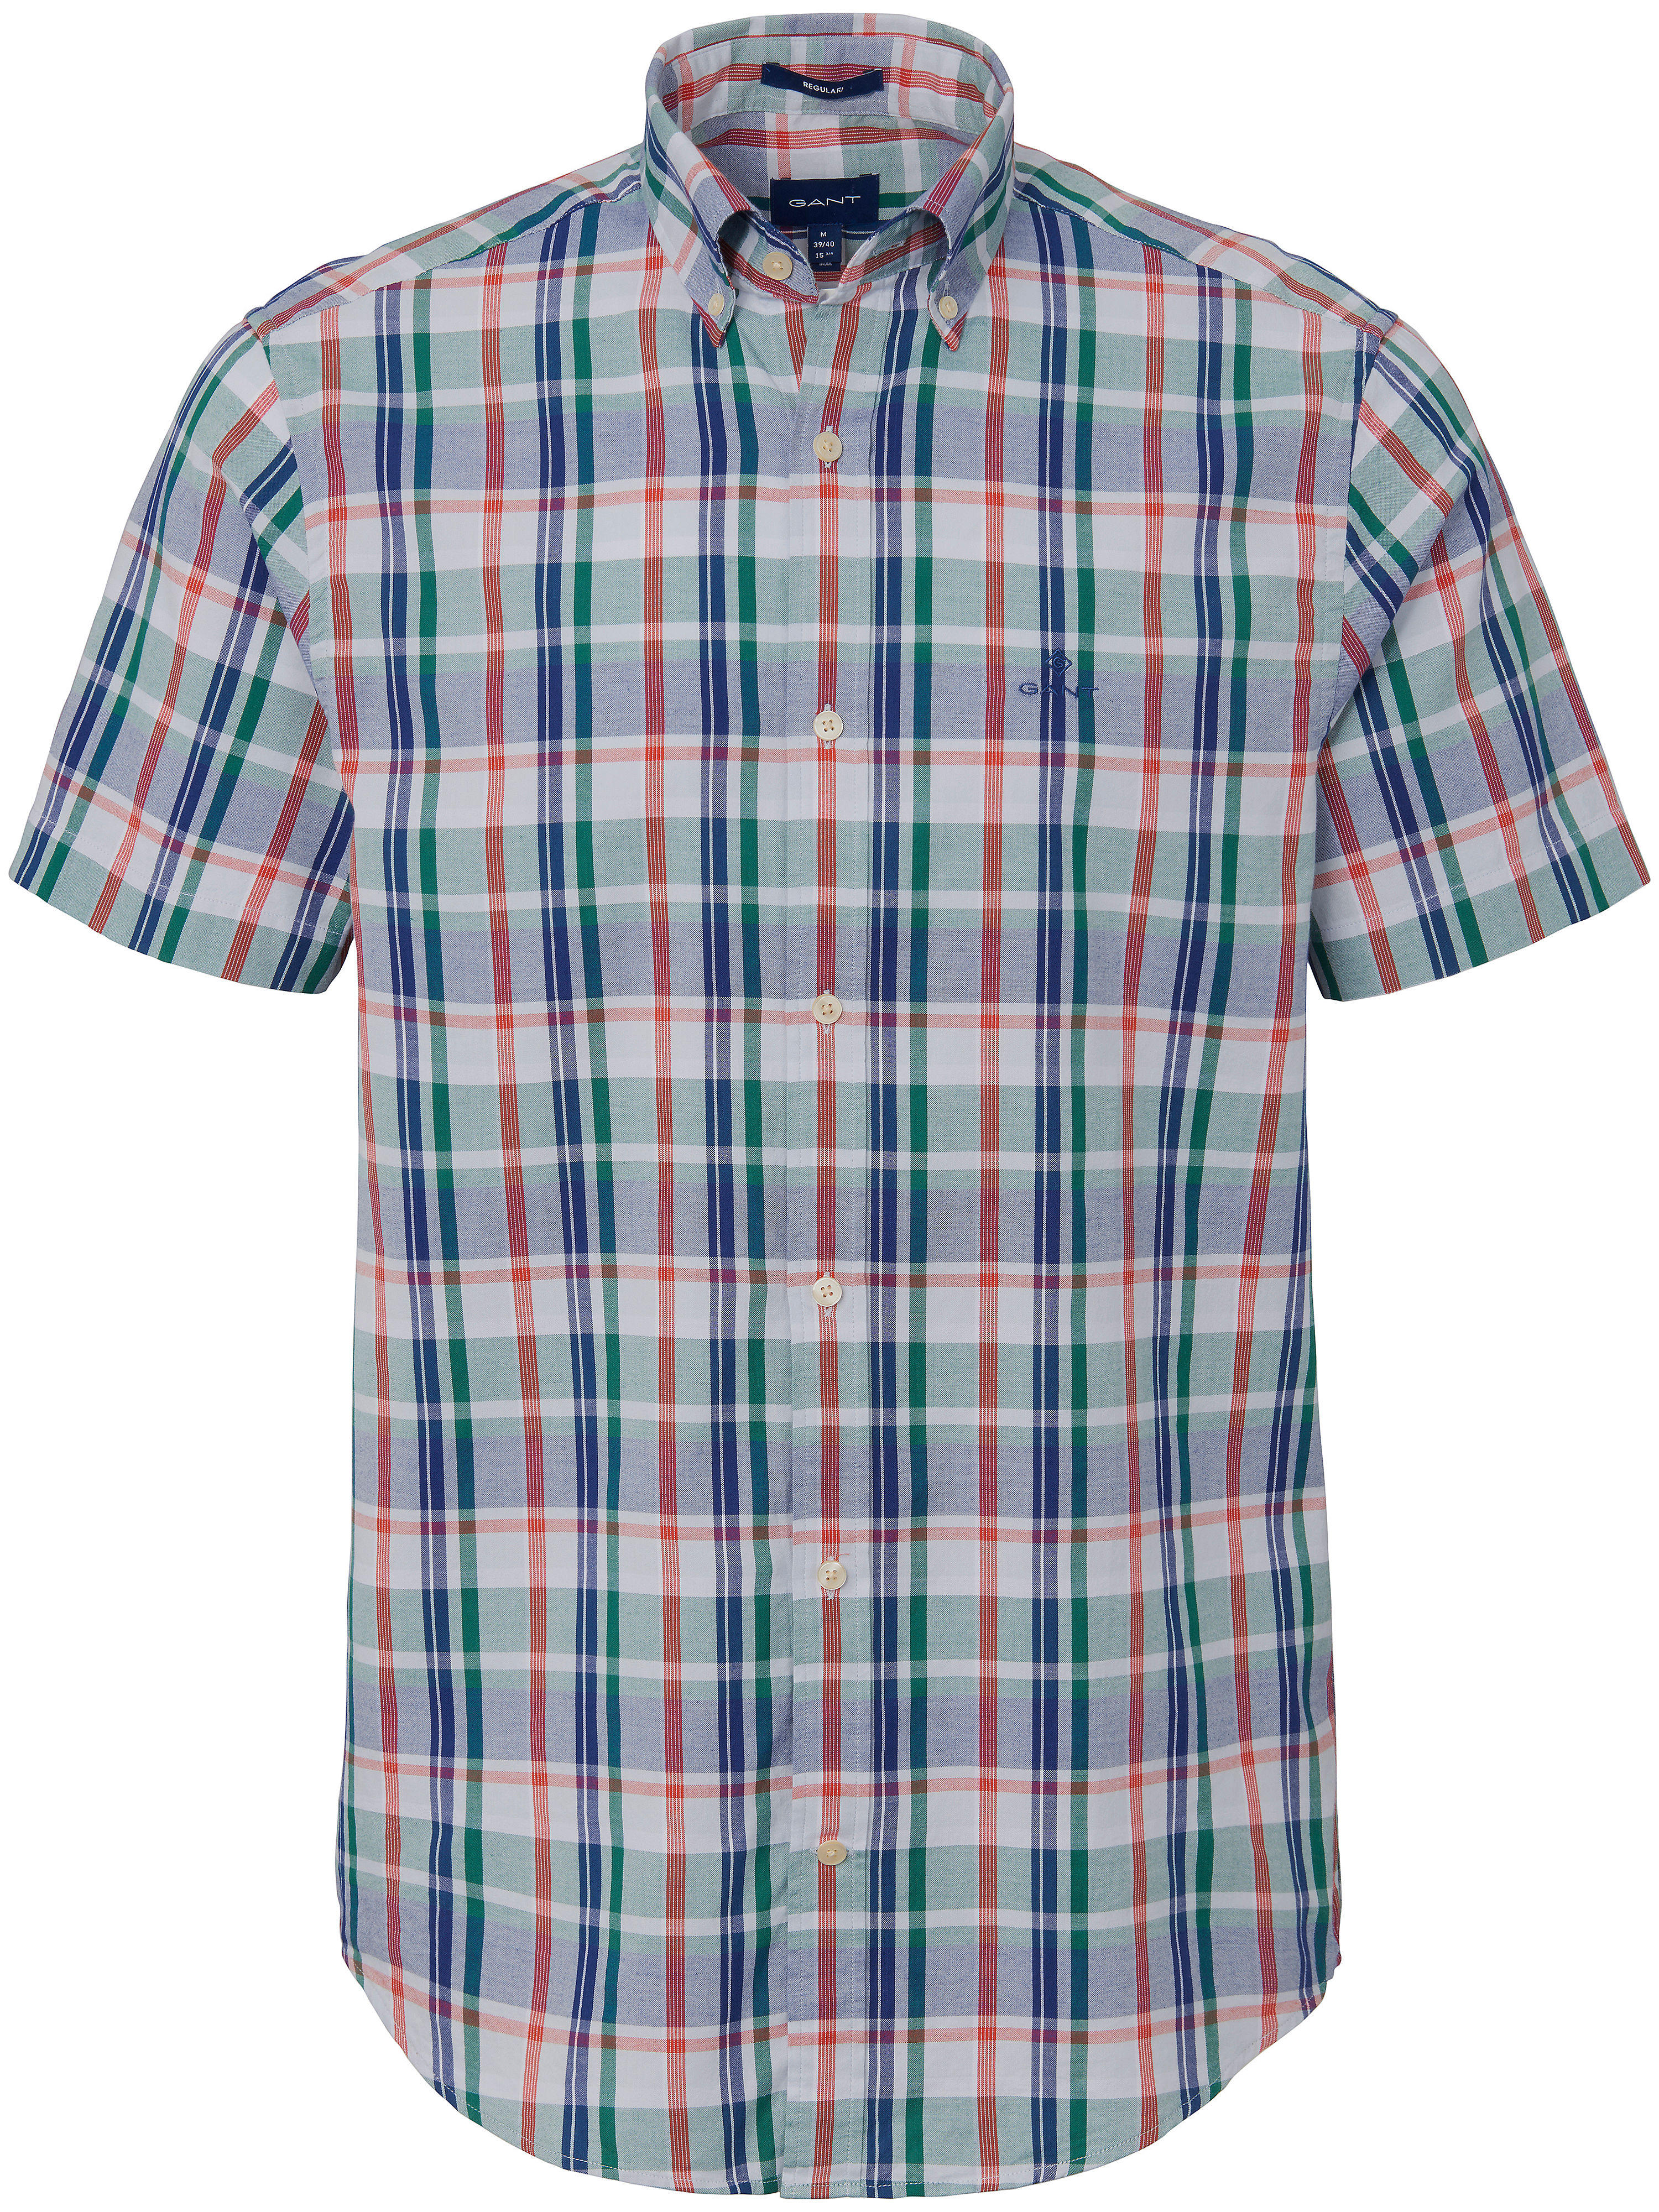 La chemise 100% coton  GANT vert taille 43/44